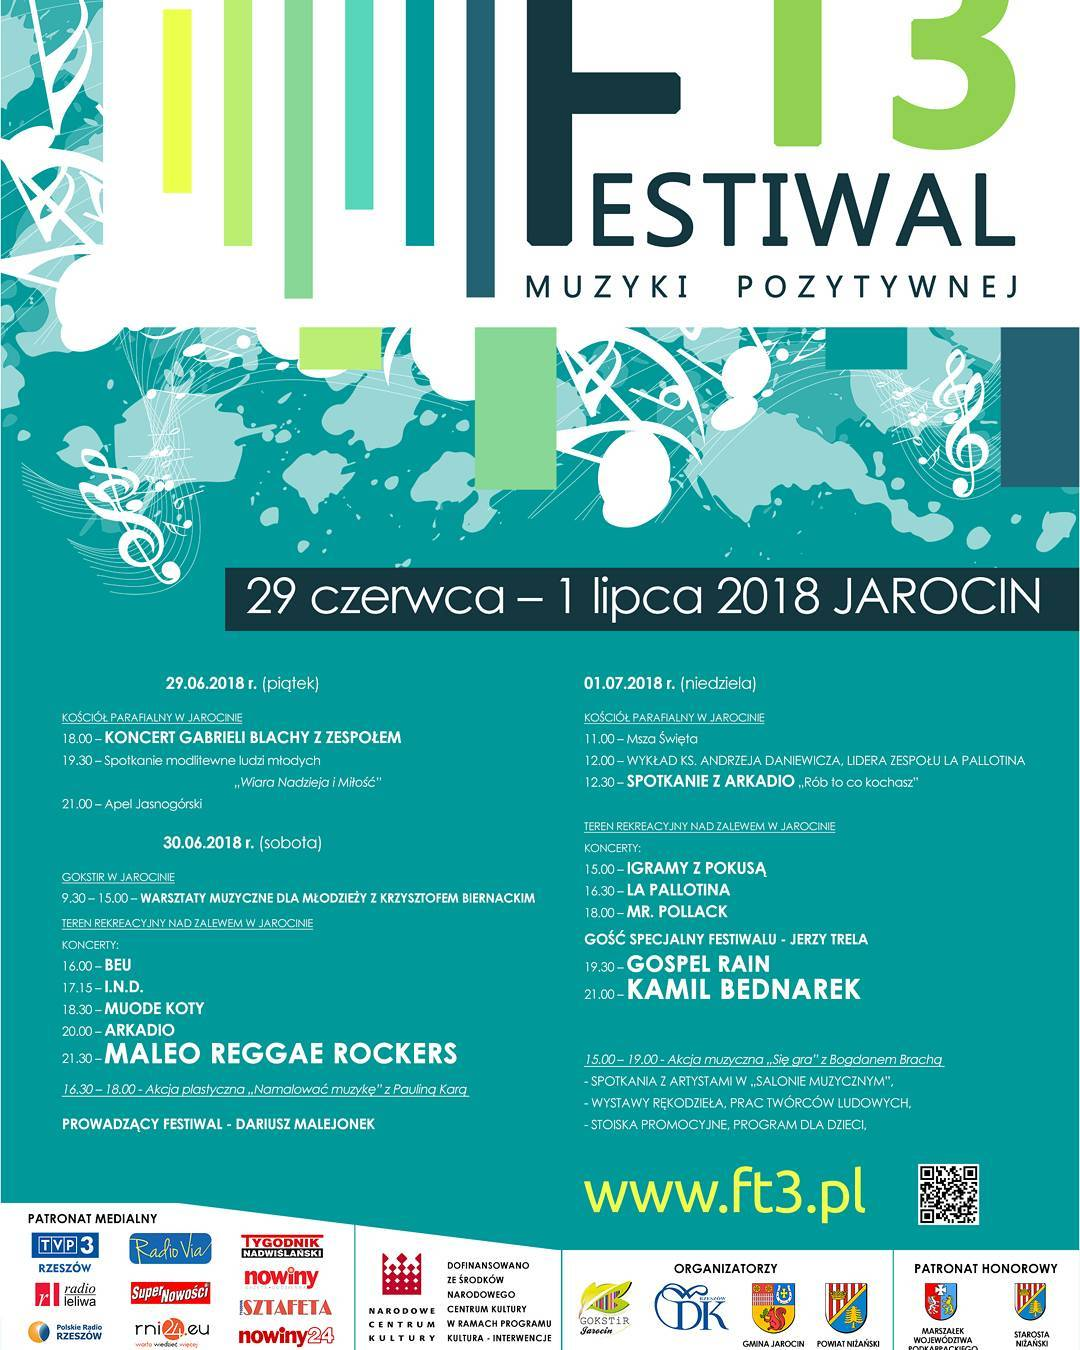 Festiwal Muzyki Pozytywnej T3